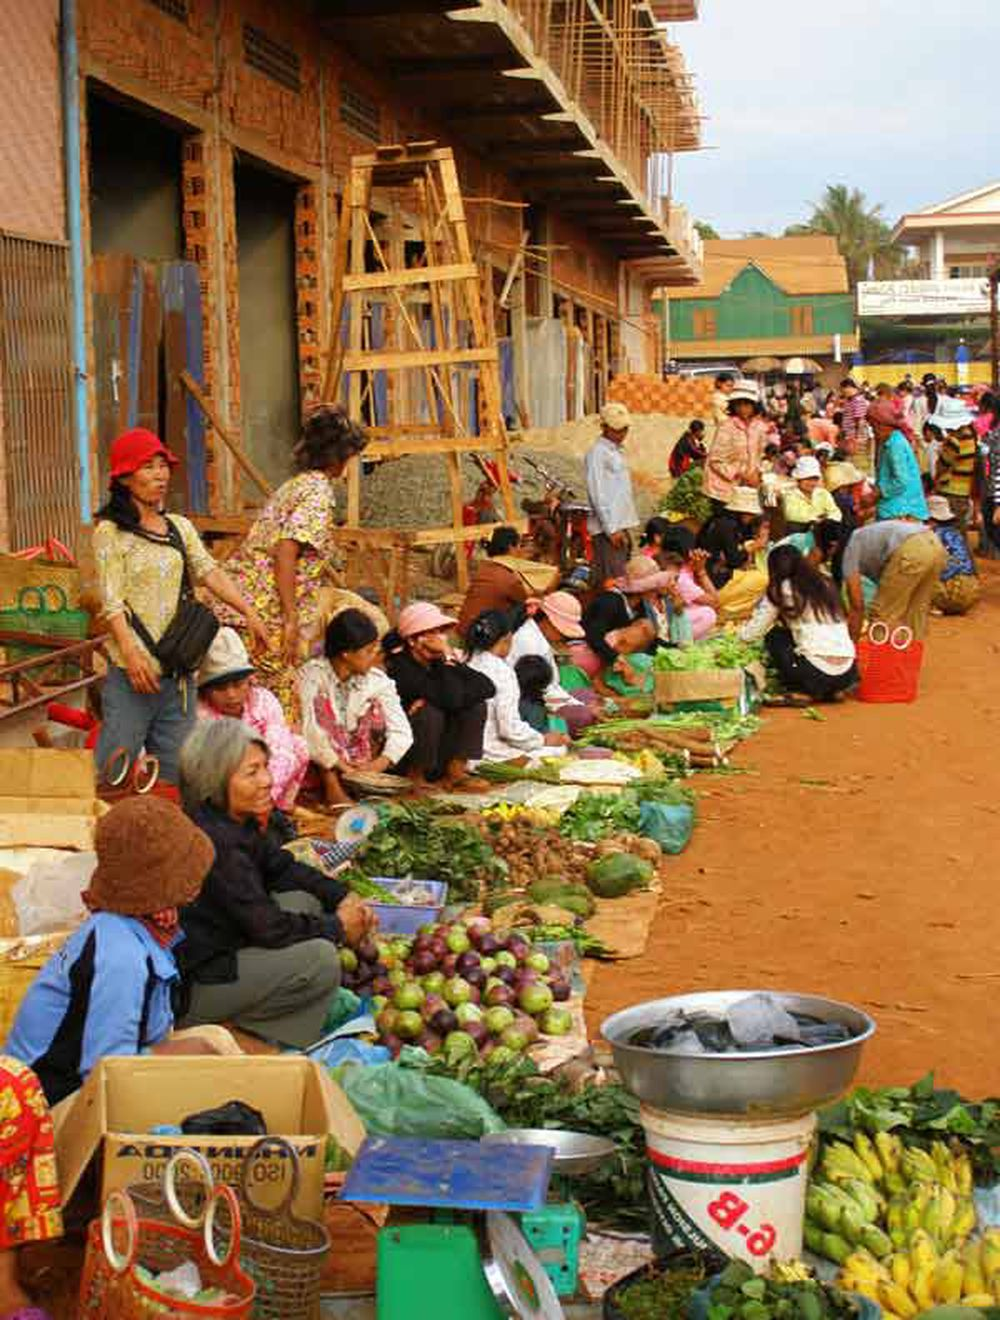 Một Góc Chợ Thị Xã Banlung Mà Y Như Chợ Làng, Chợ Xã Bên Mình.